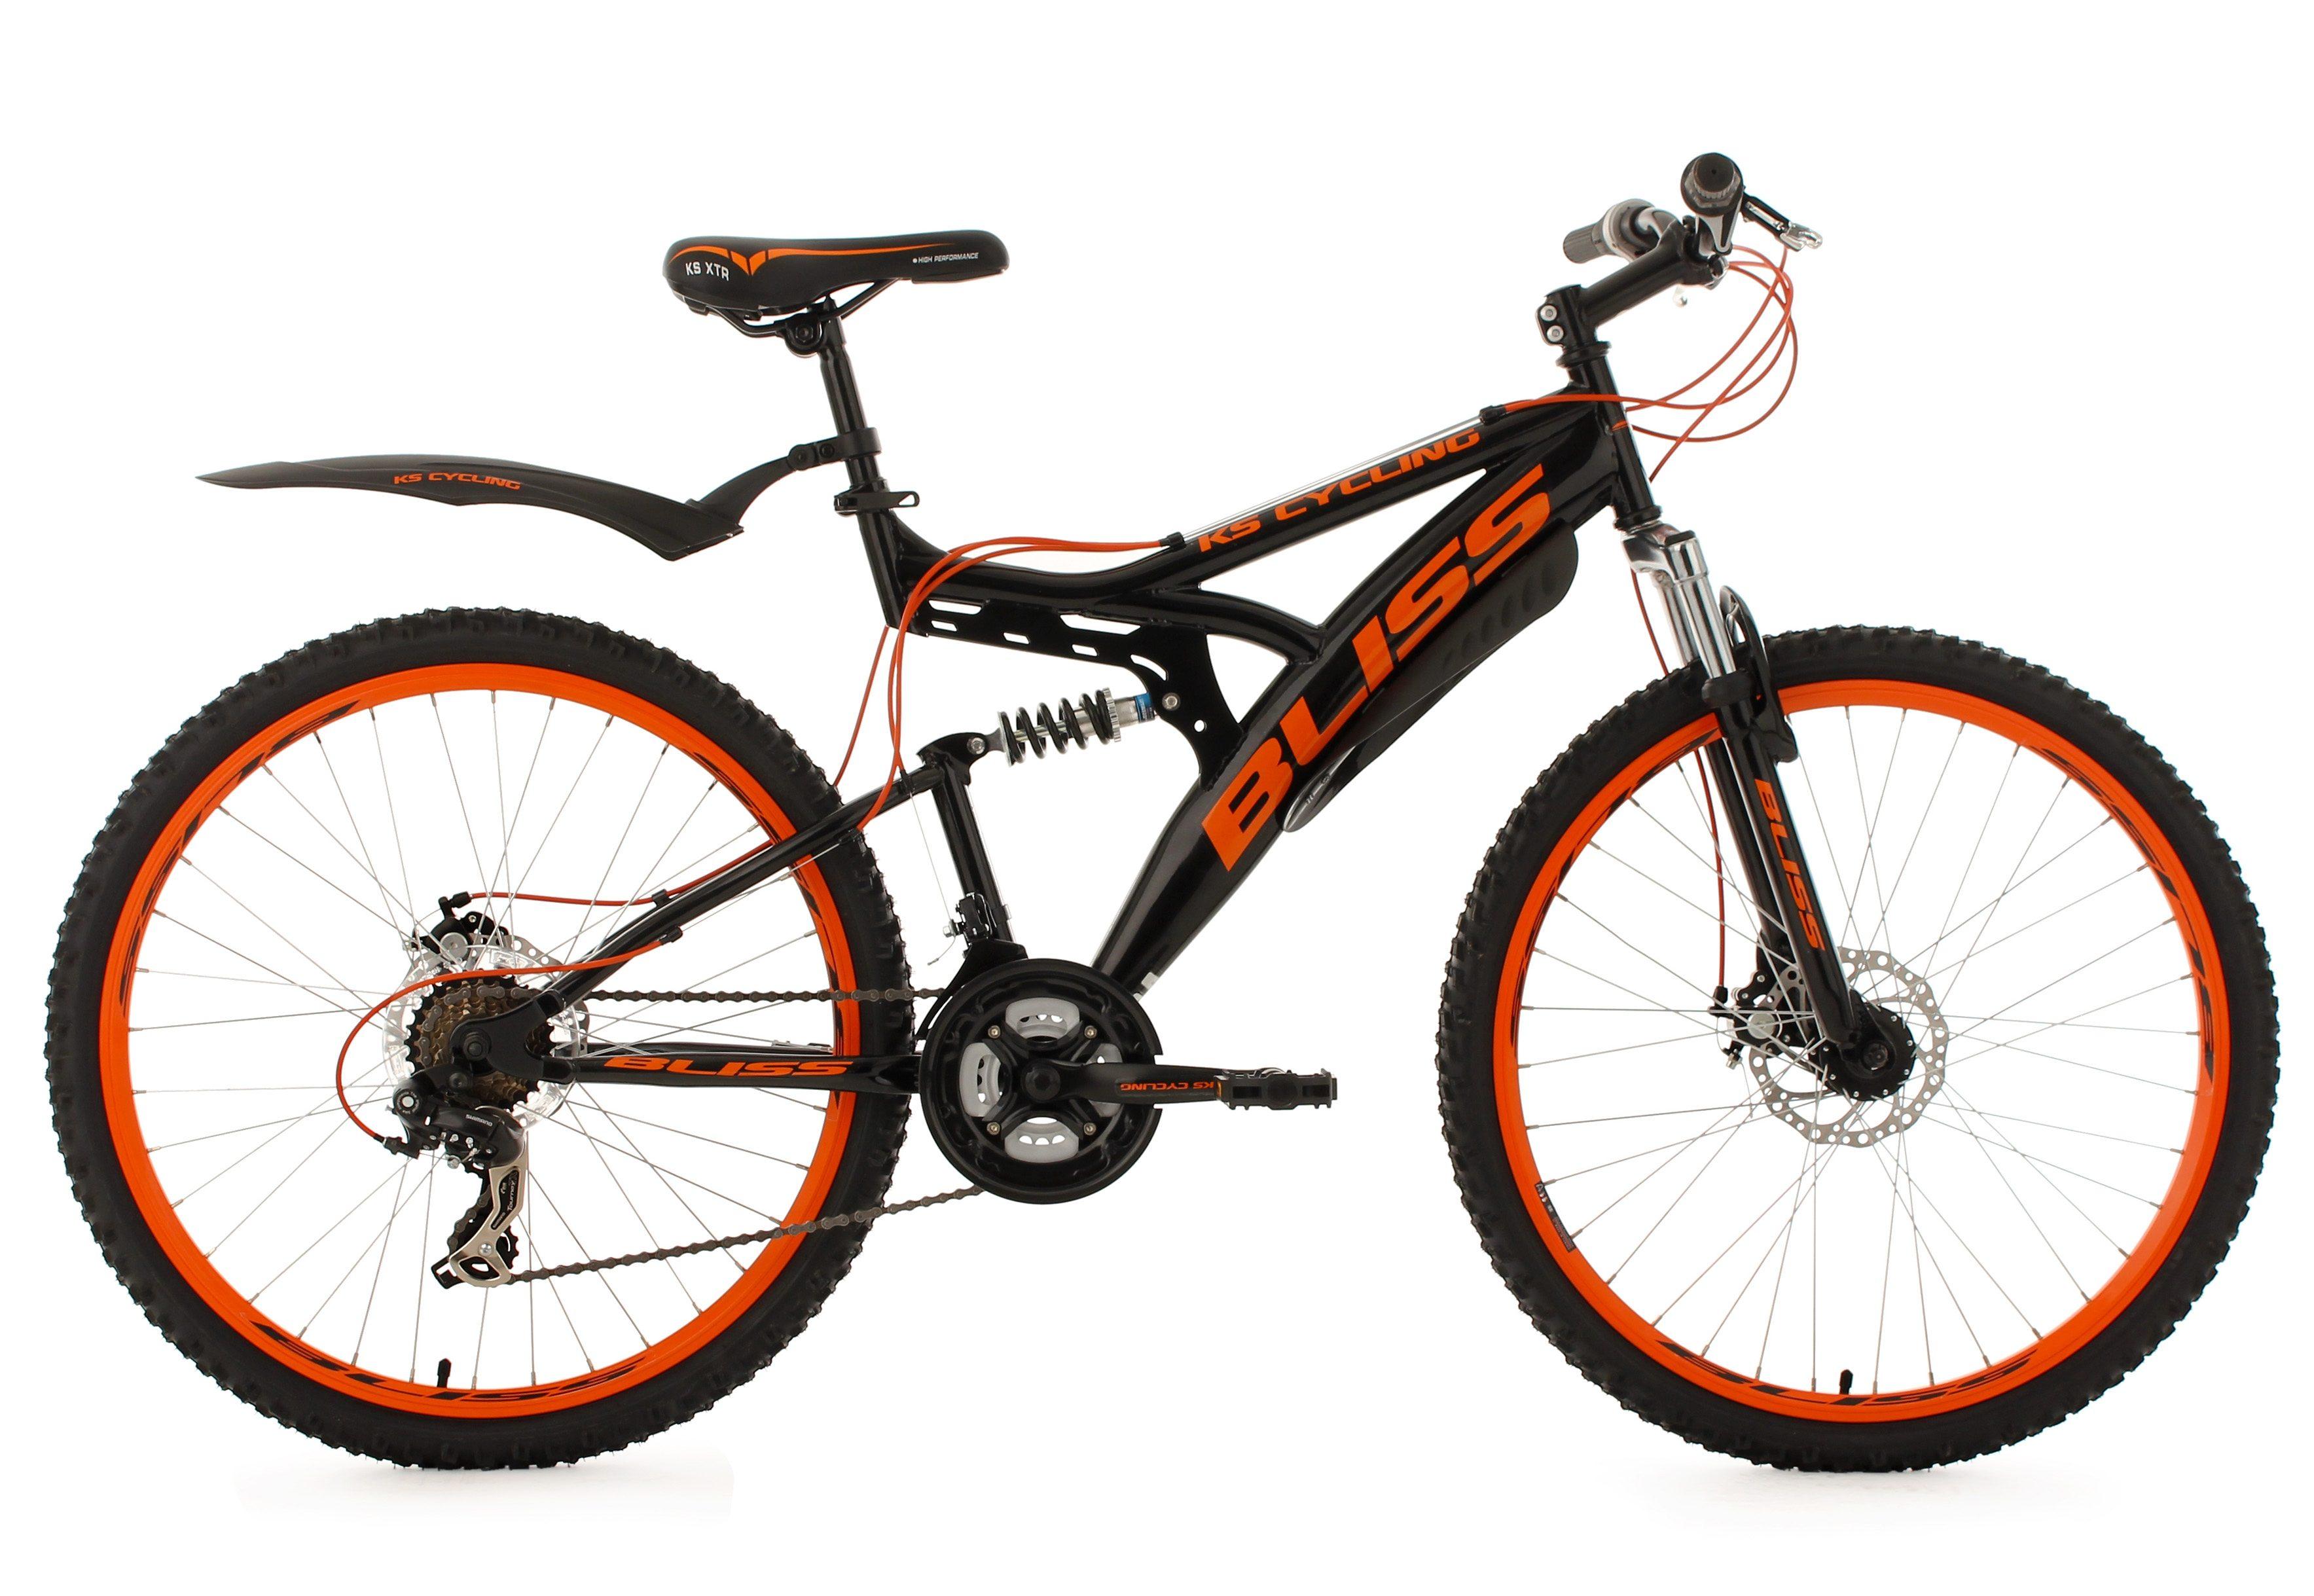 KS Cycling Fully-Mountainbike, 26 Zoll, schwarz-orange, 21 Gang-Kettenschaltung, »Bliss«